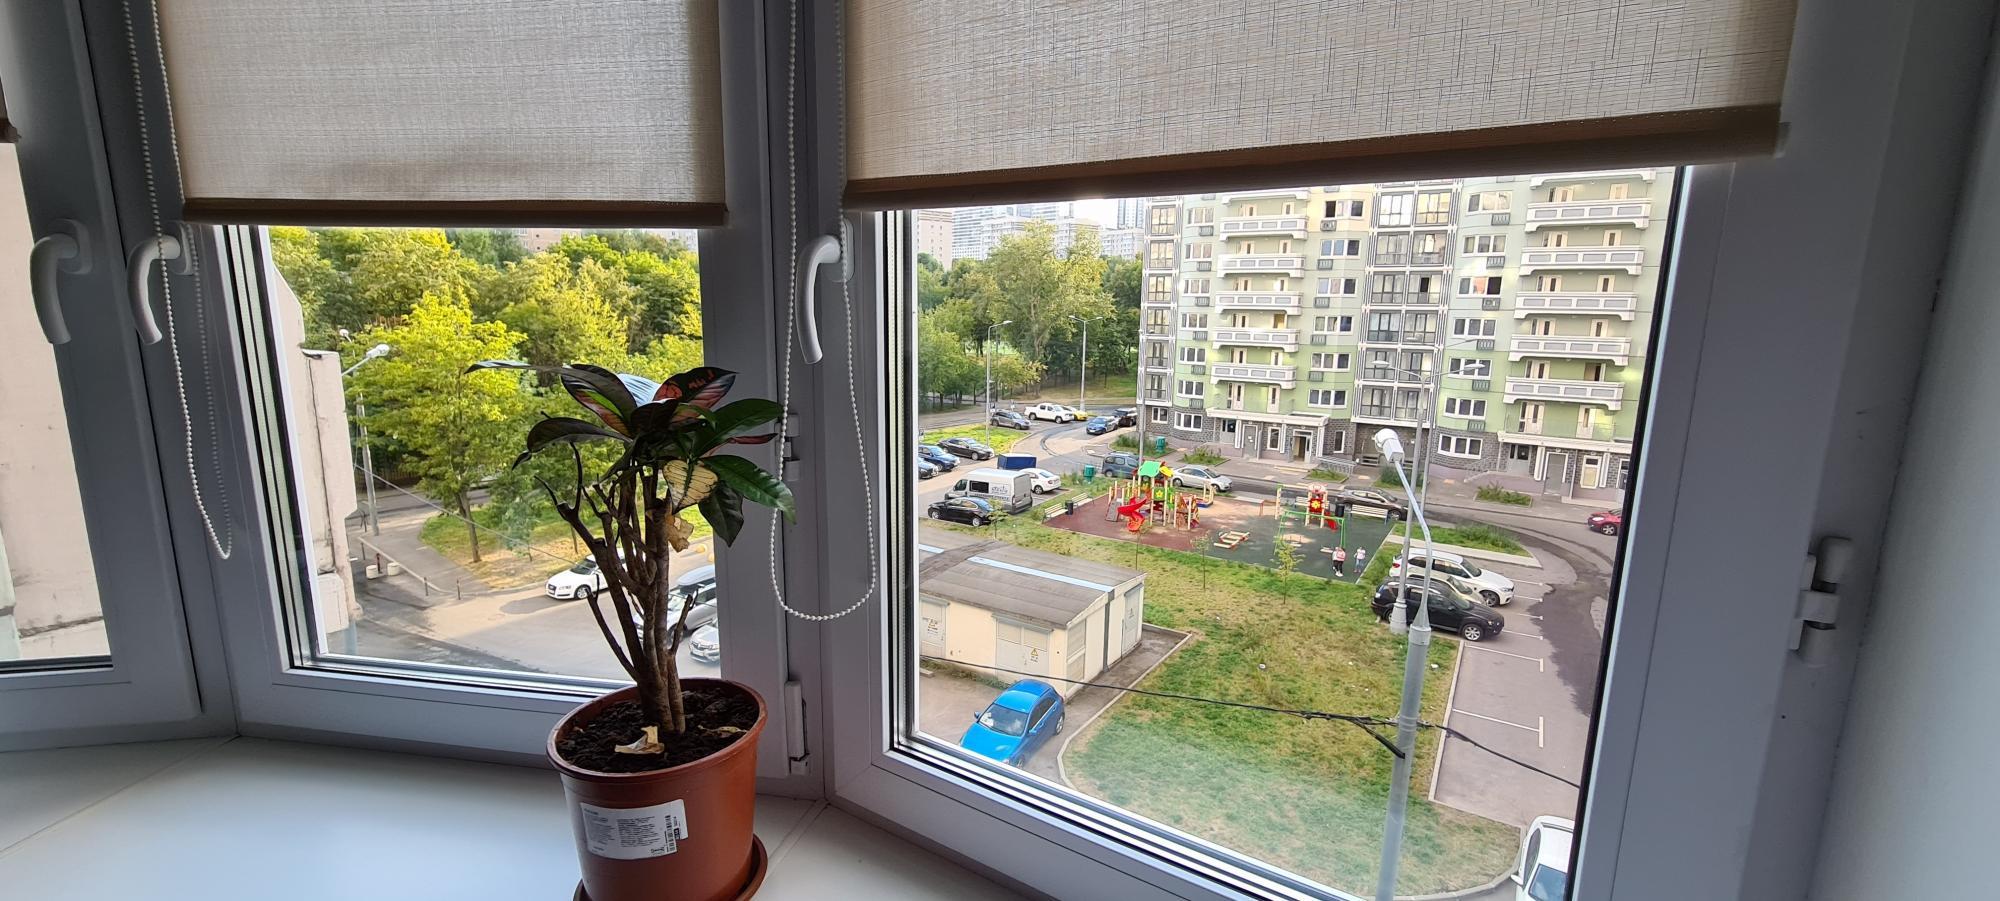 Квартира, 3 комнаты, 96 м² в Москве 89154177177 купить 8